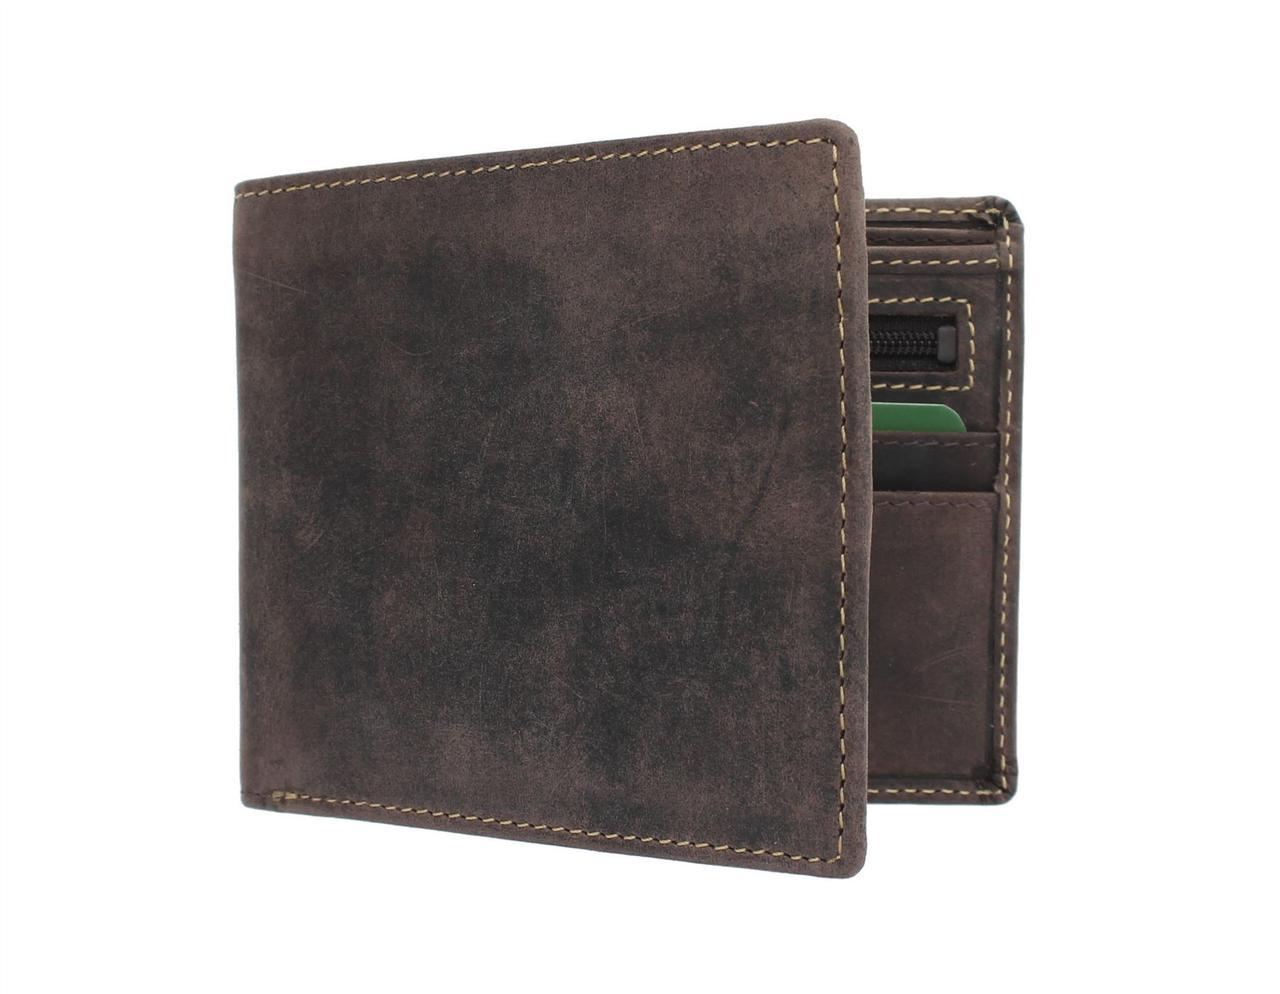 Мужской кошелек из матовой кожи Visconti 707 Oil Brown (Великобритания)